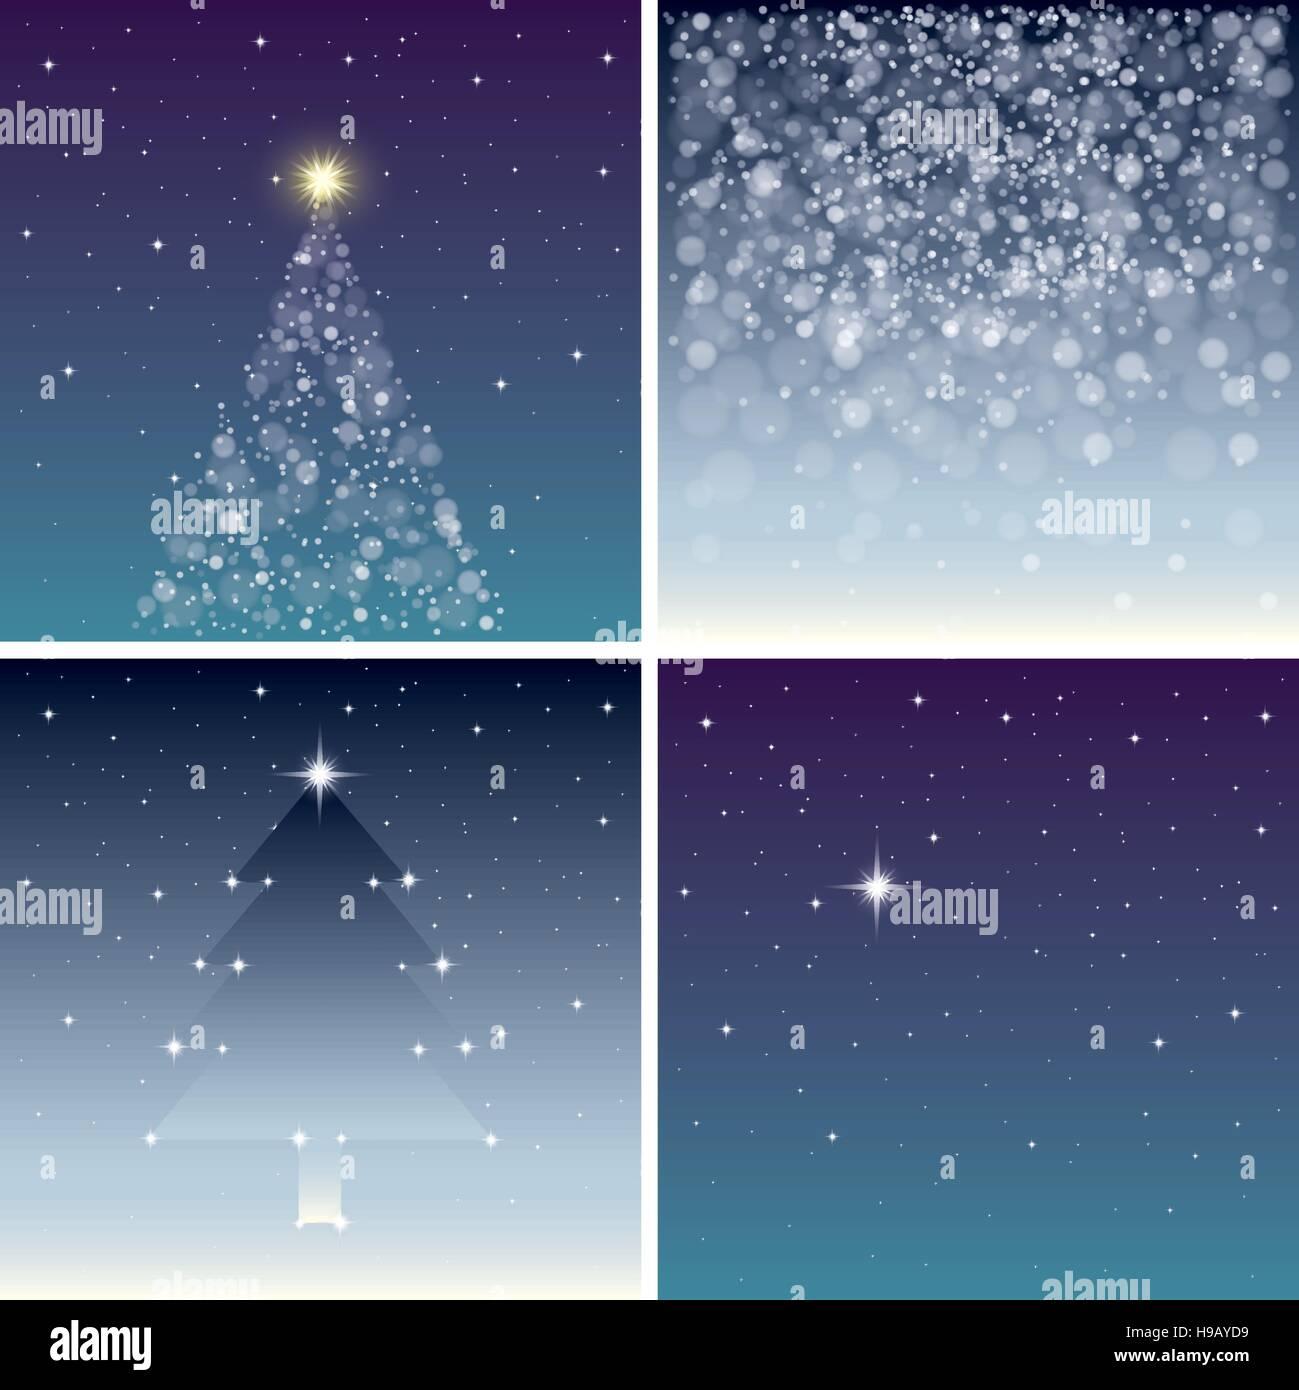 Fairy sfondi natalizi impostato Immagini Stock